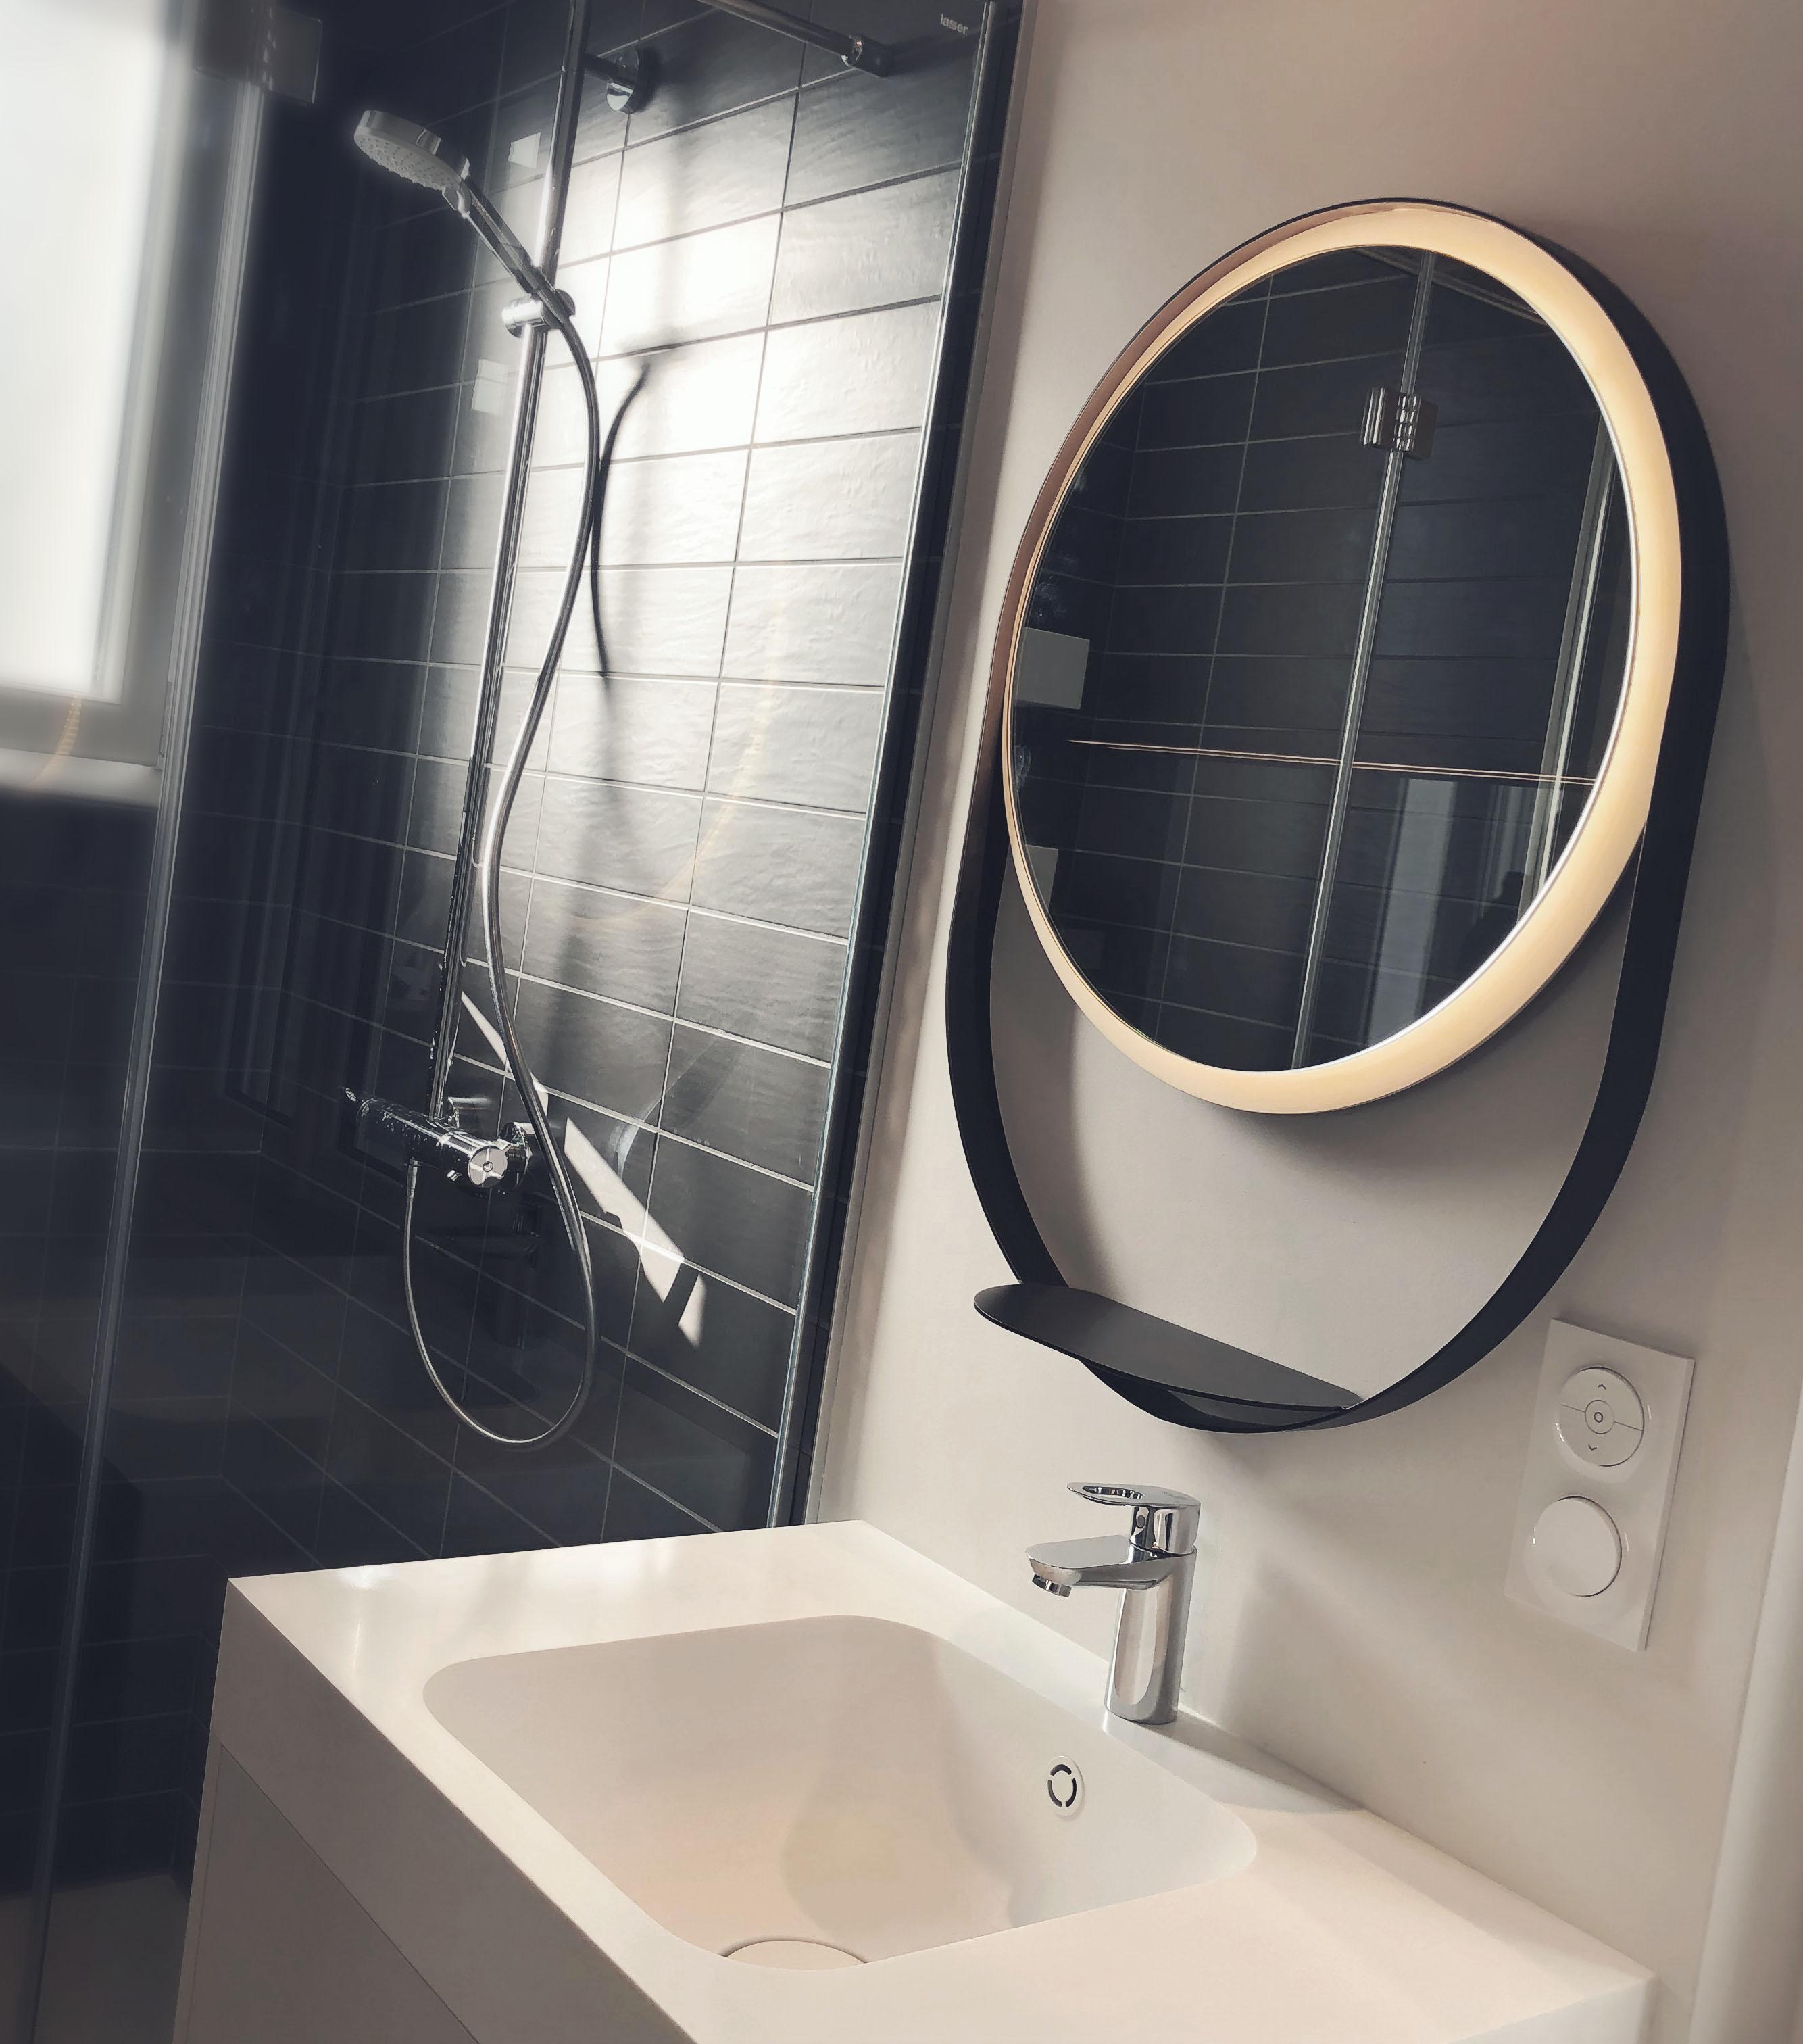 Architecte Interieur Bordeaux hpdecoration_salledebain – hp décoration bordeaux – créateur